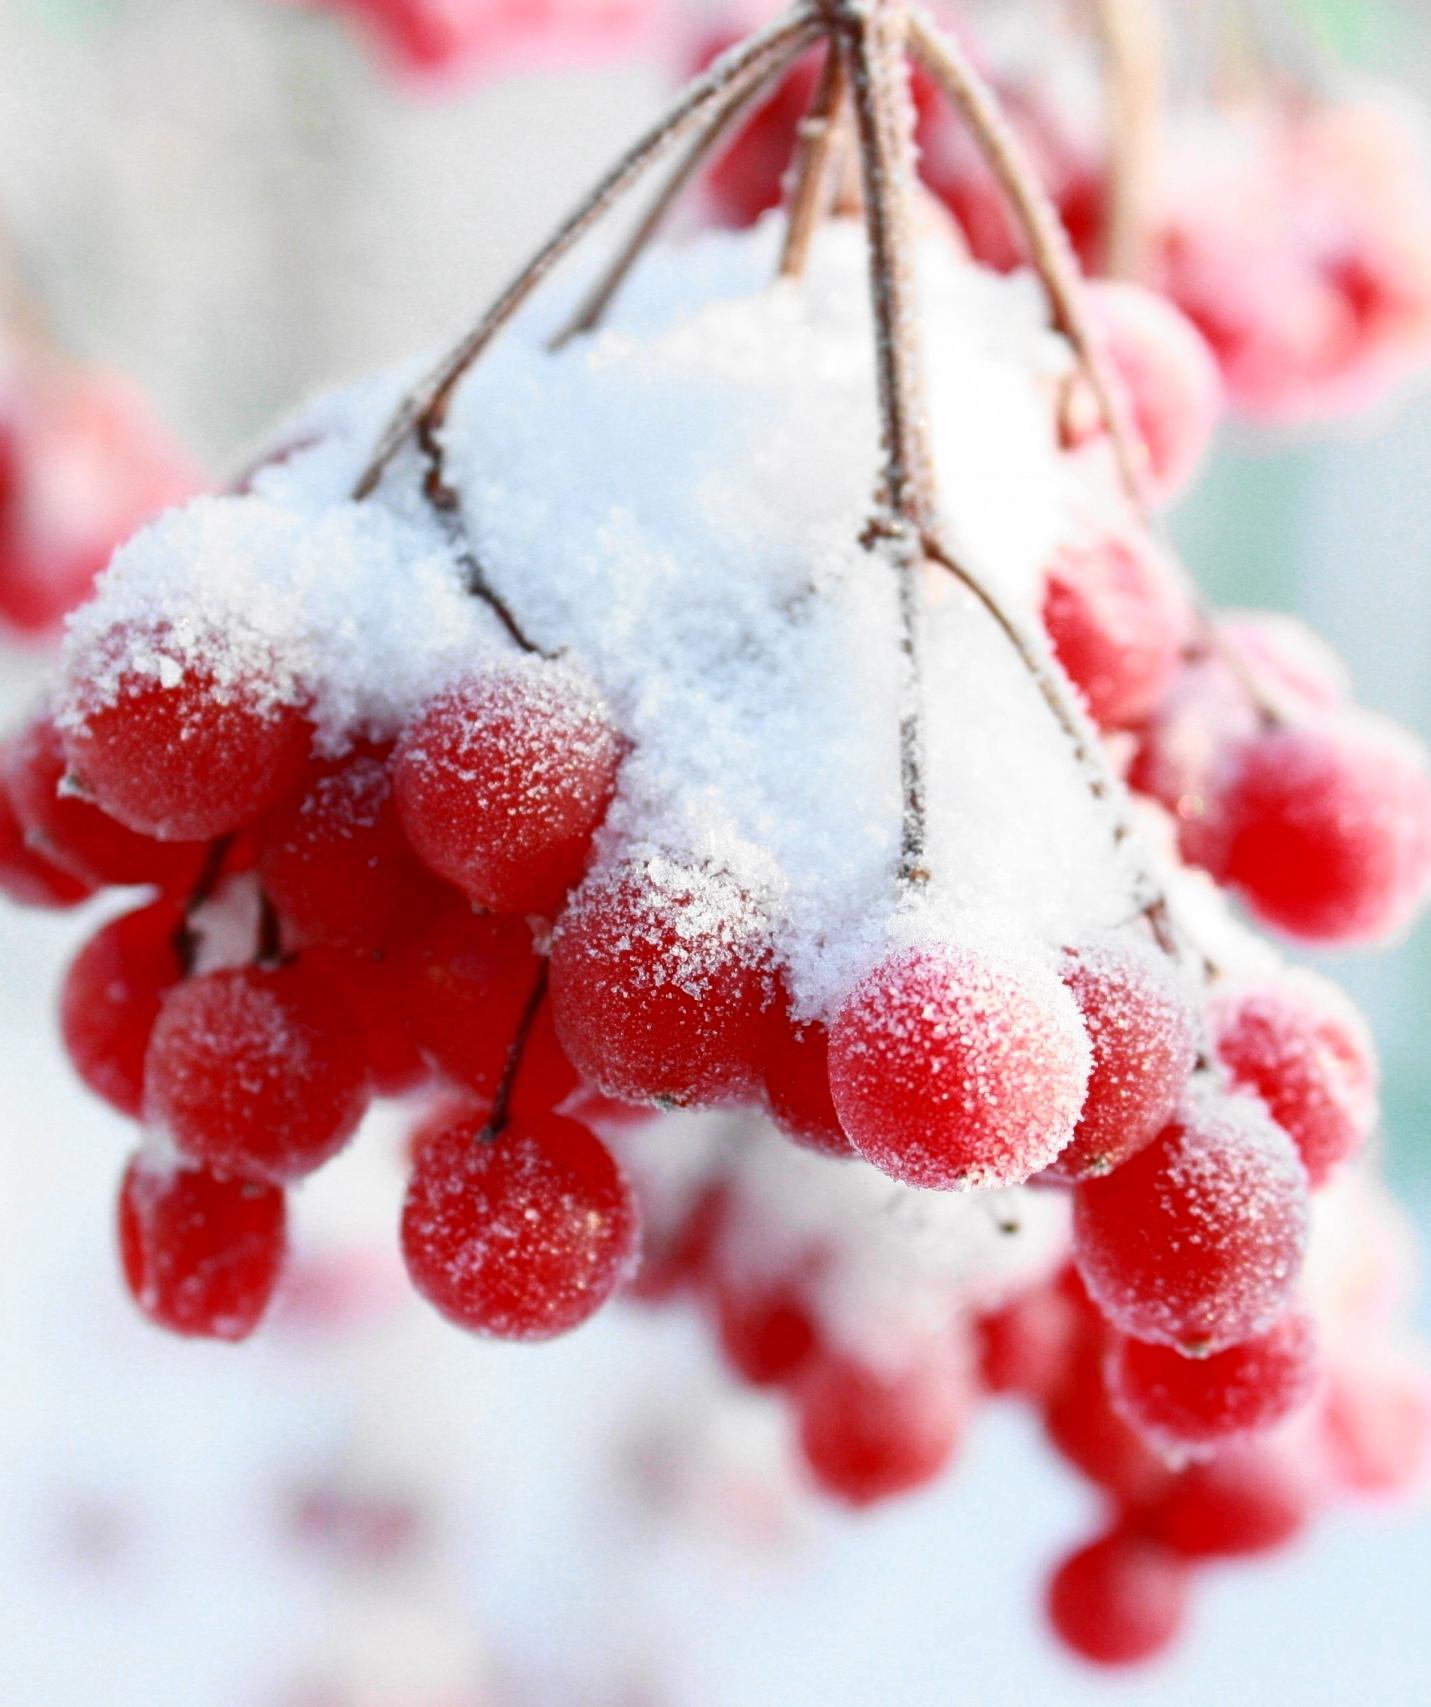 Рябина в снегу фото 553-35